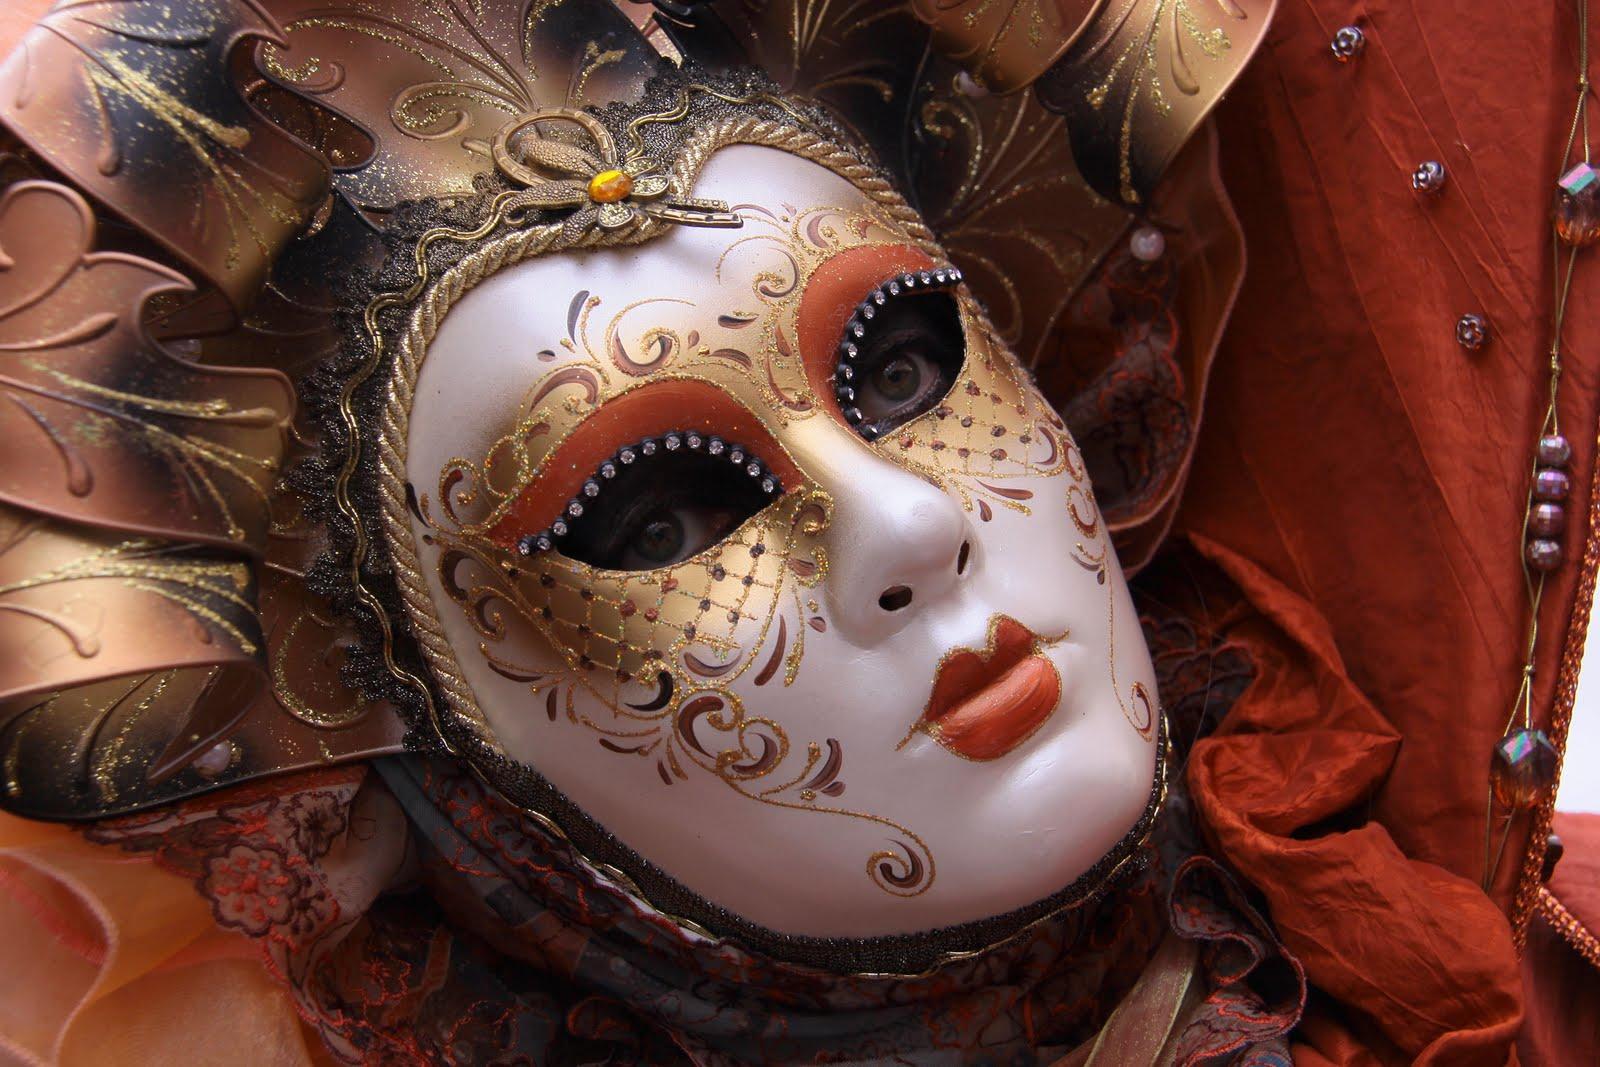 частности, широкое картинки с изображением масок хотя, его